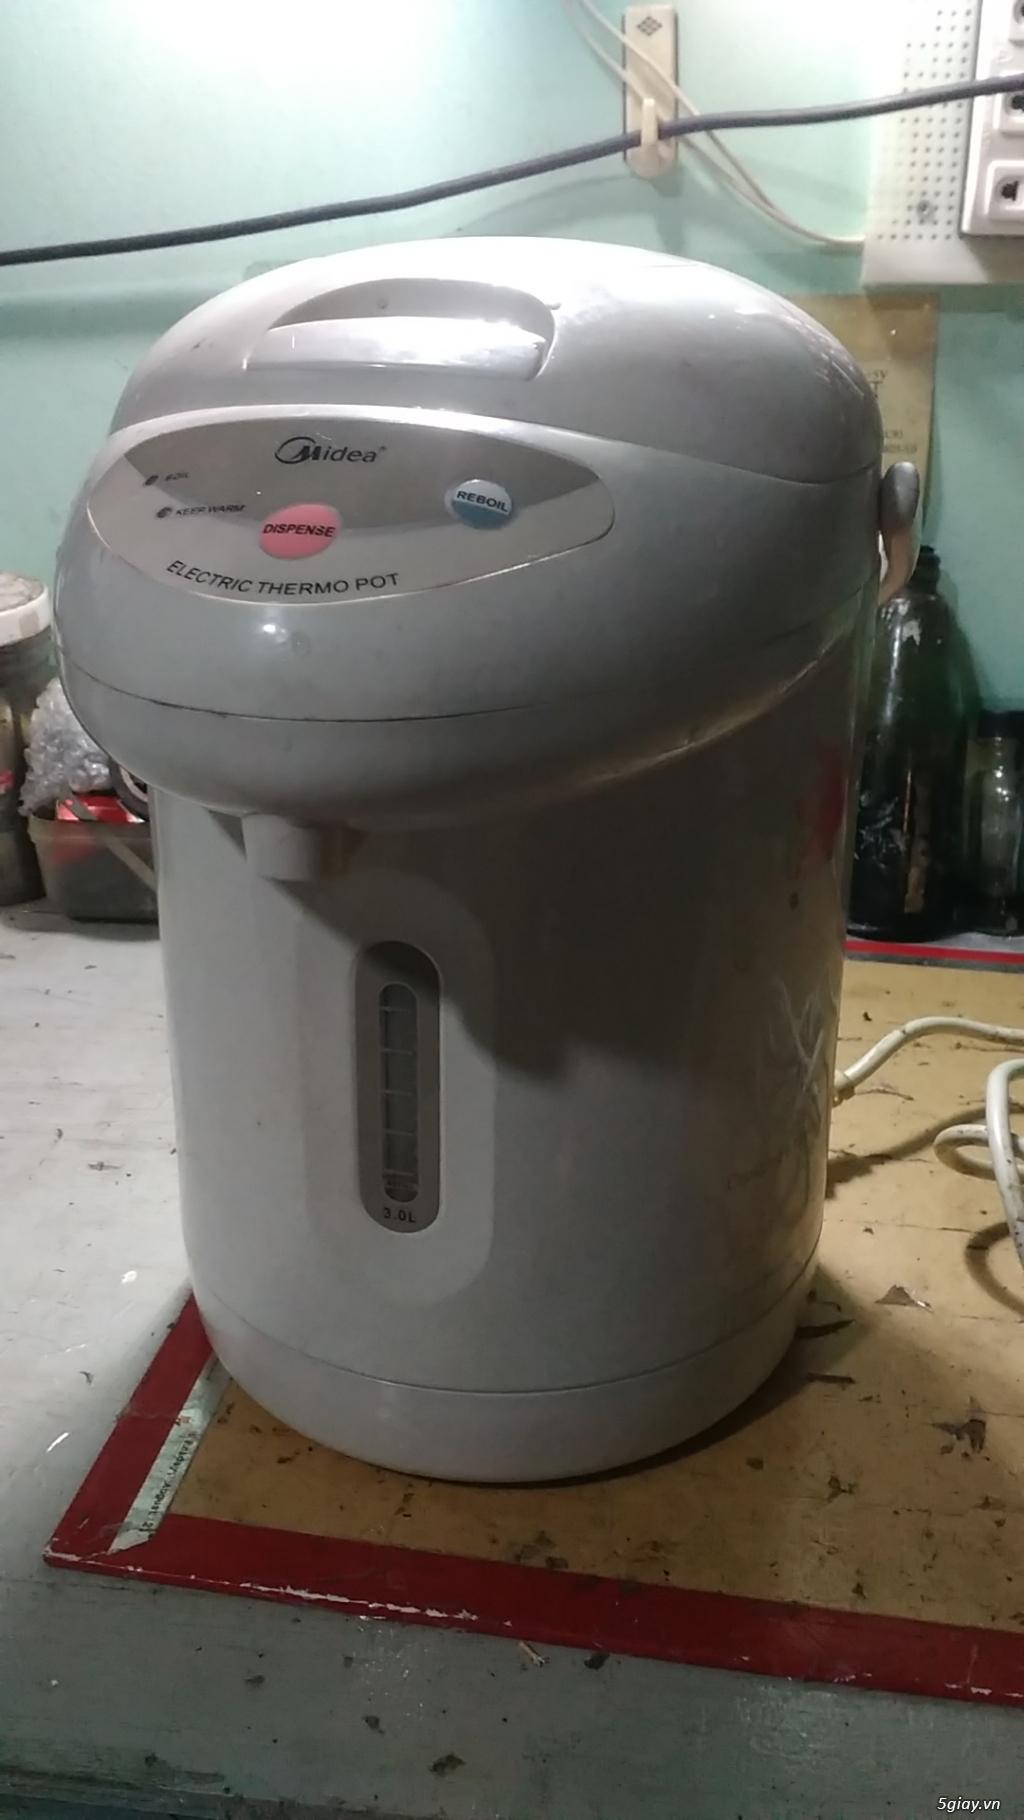 Chuyên sửa bếp hồng ngoại, 0908244258, sửa bếp điện từ, sửa nồi áp suất điện, sửa bếp quang - 17